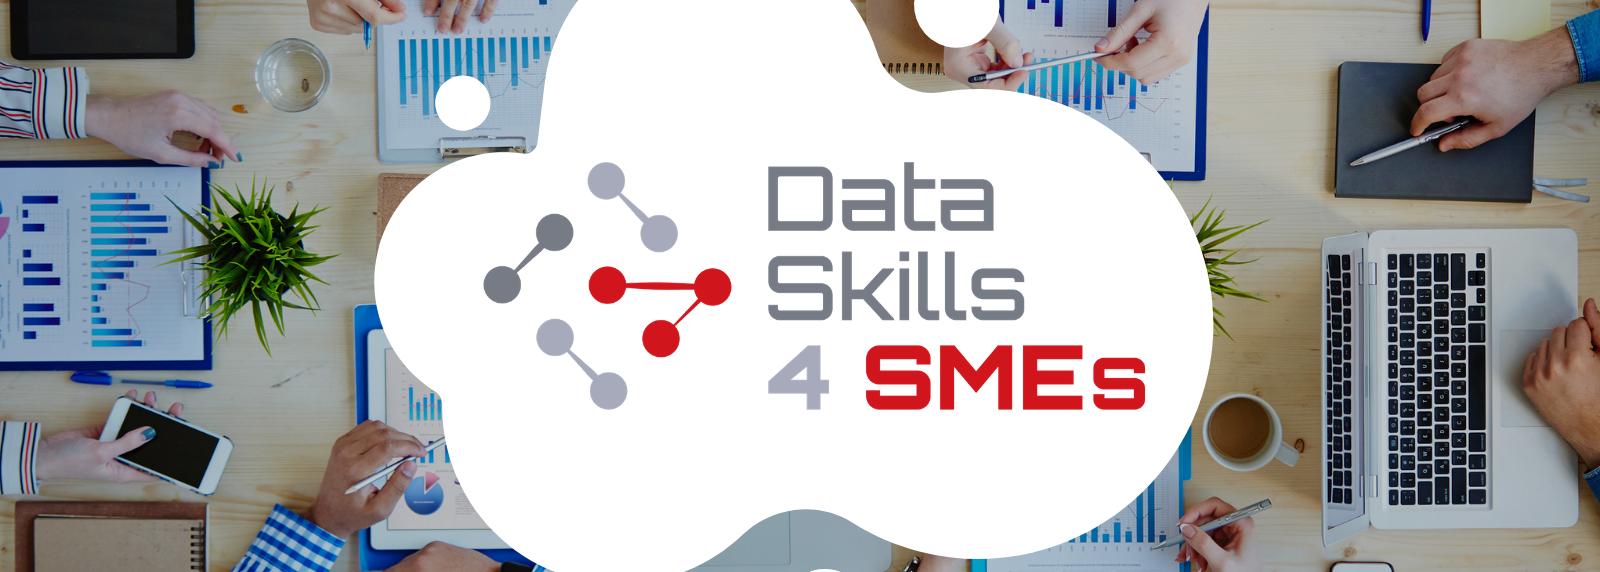 ÖGV Nachrichten: Data Skills 4 SMEs